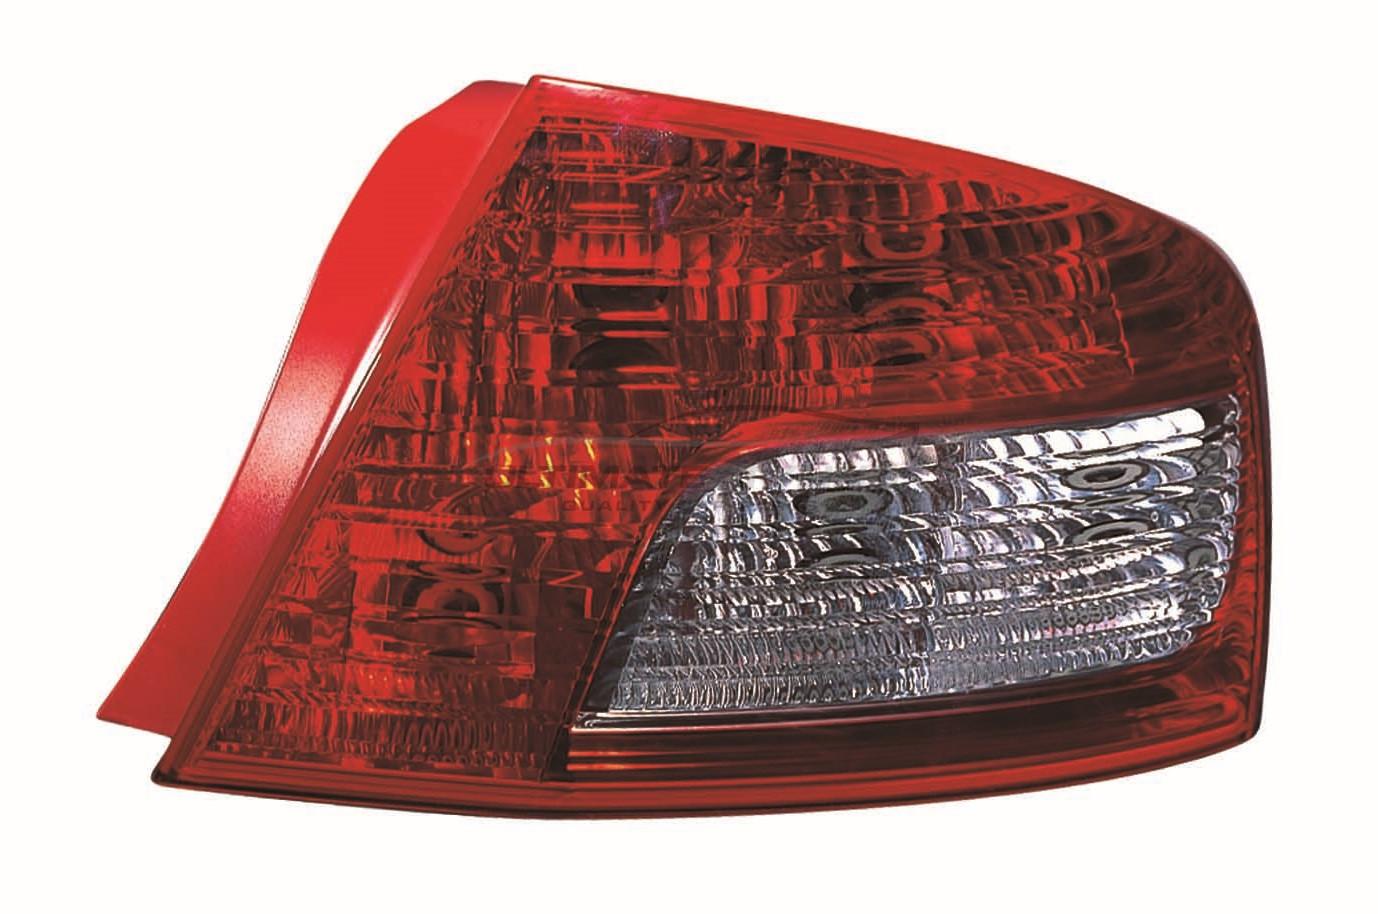 Peugeot 407 Rear Light Tail Light Drivers Side Rh Rear Non Led